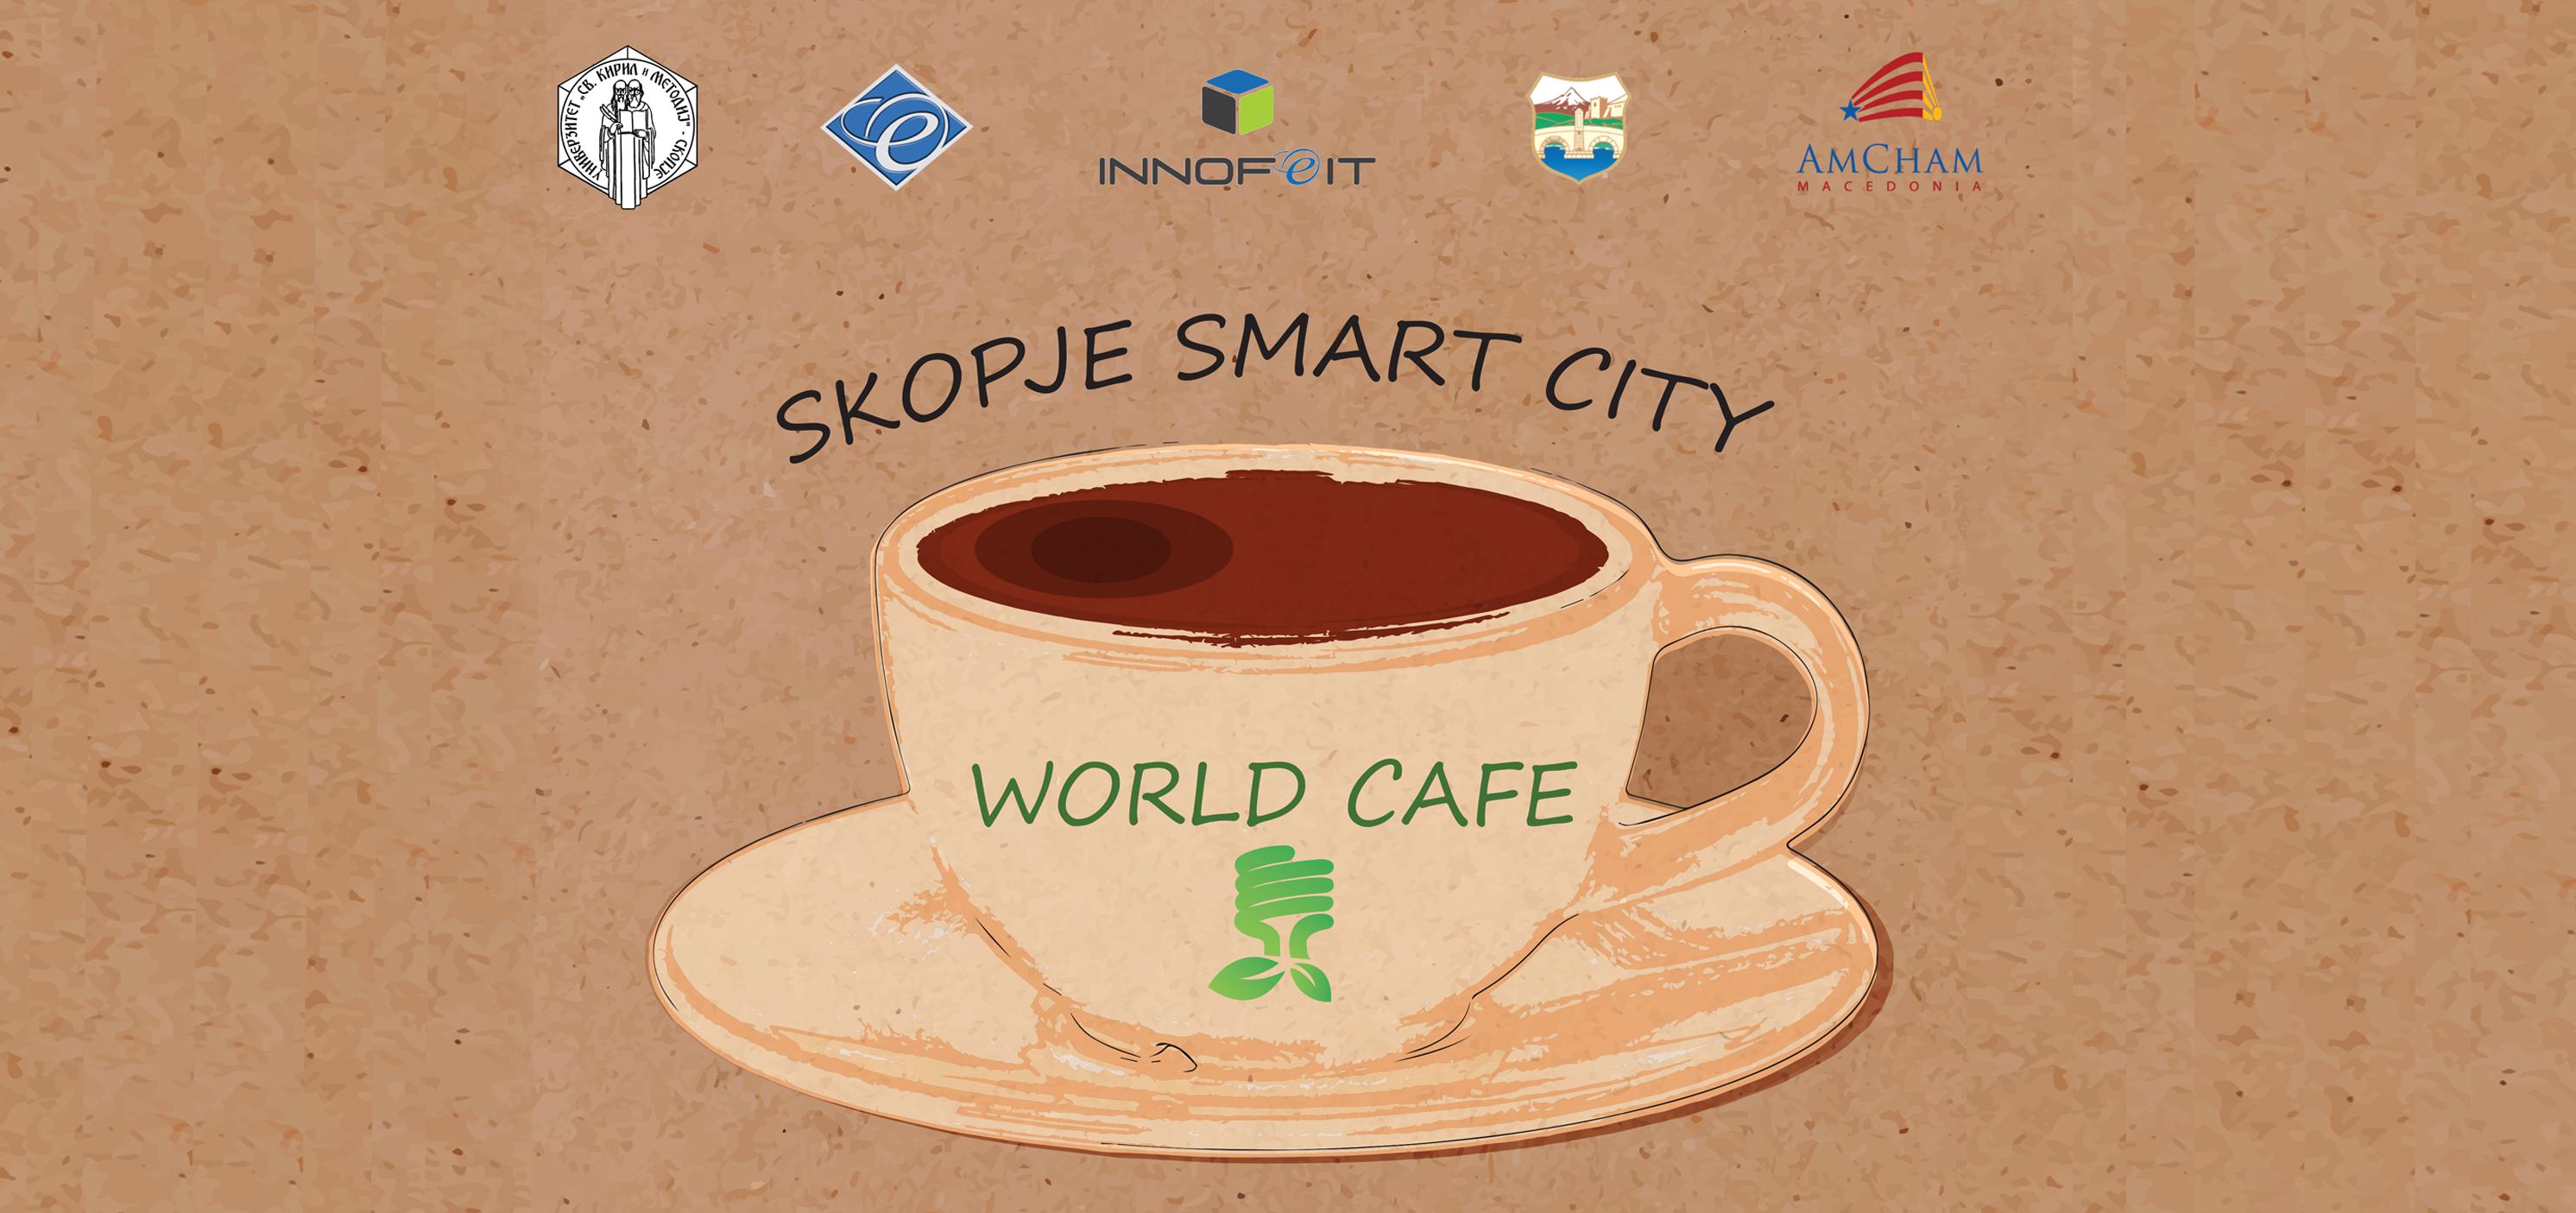 World cafe workshop: Skopje smart city